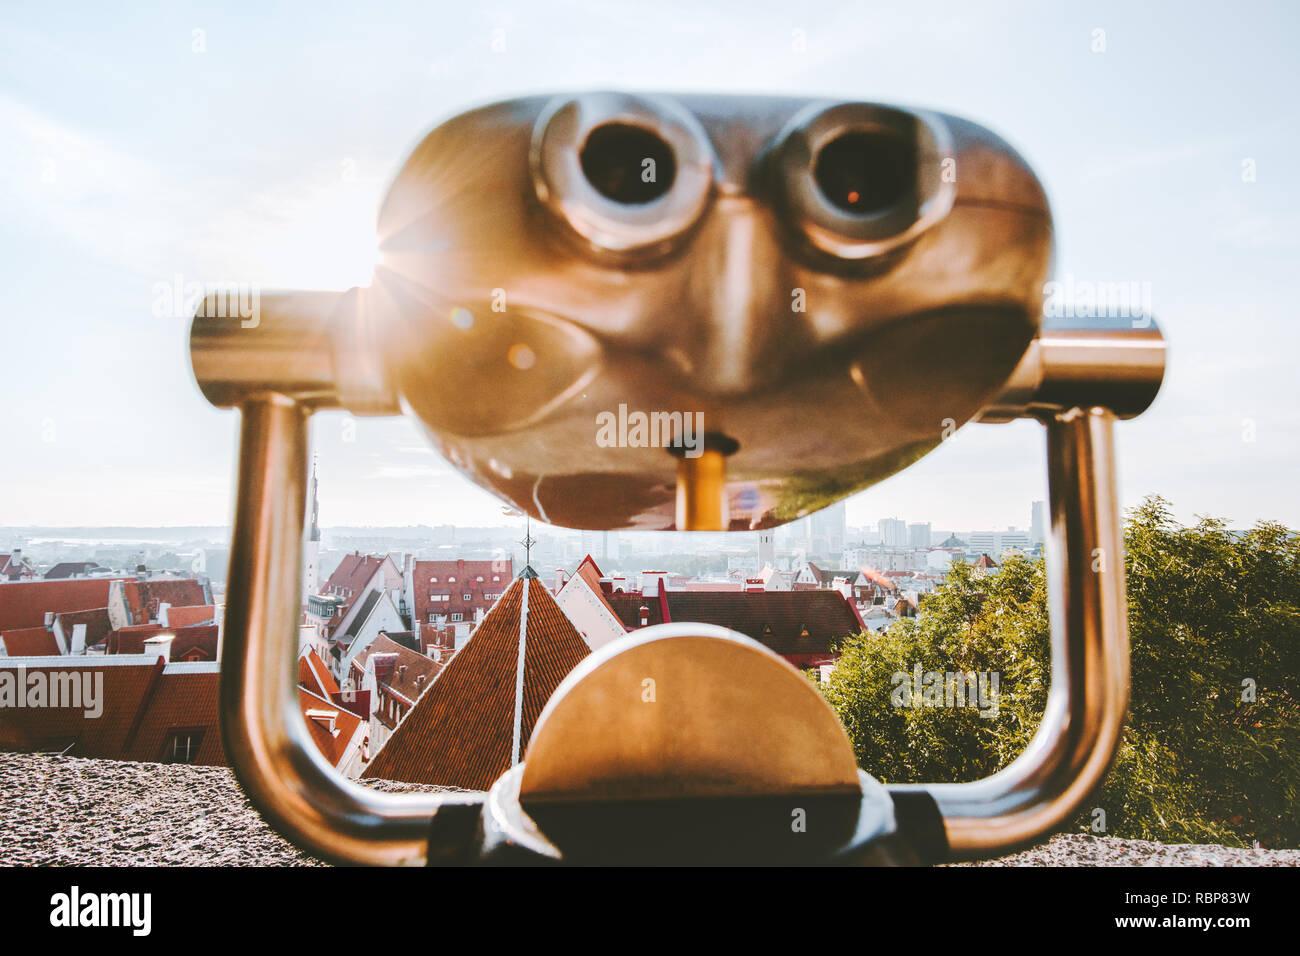 Sightseeing telescope binocular overlooking Tallinn city viewpoint in Estonia popular landmarks cityscape Europe summer travel vacations - Stock Image